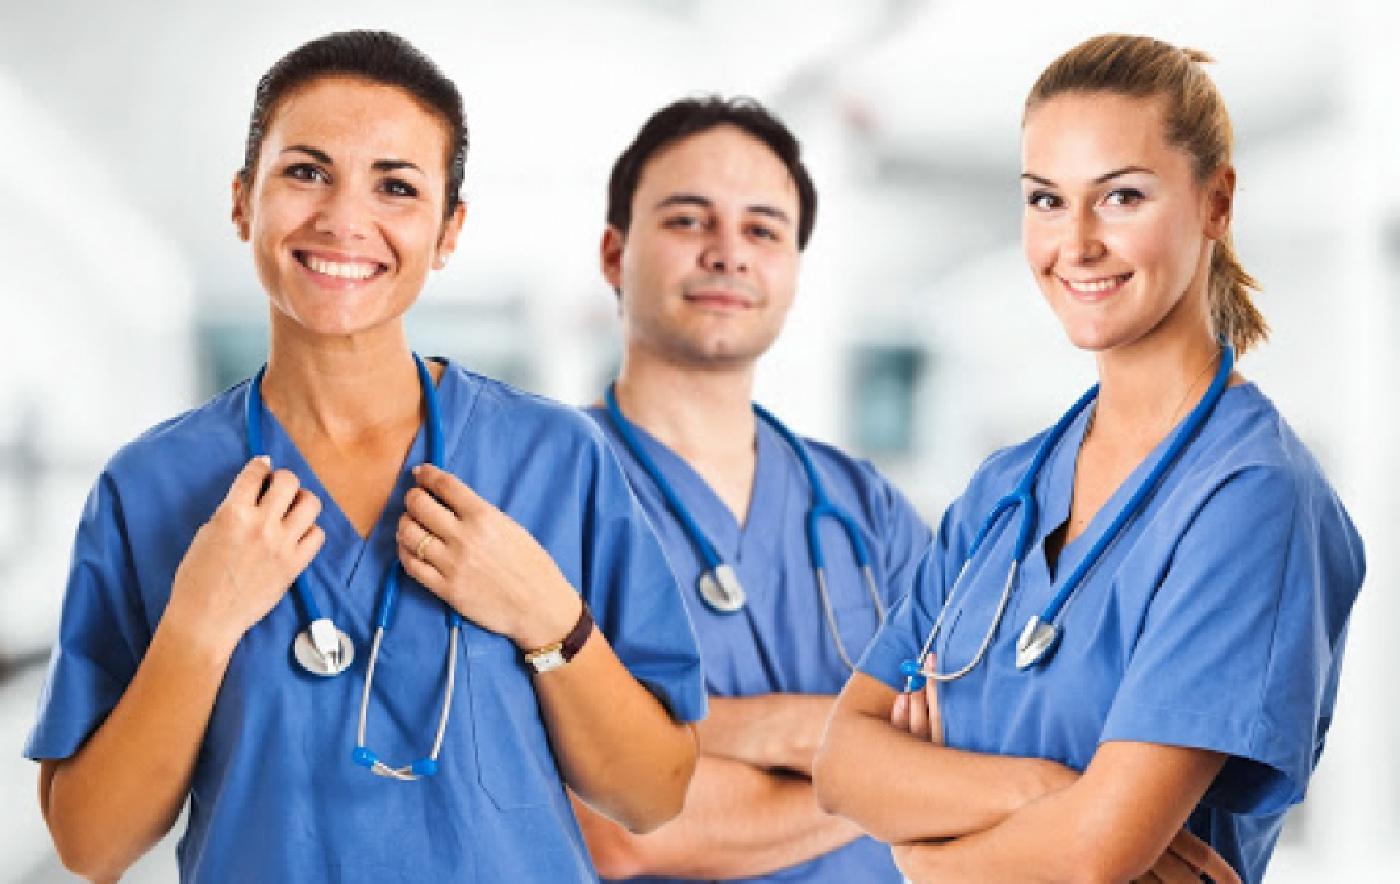 Gesundheits - und Krankenpfleger (mit Anerkennung)